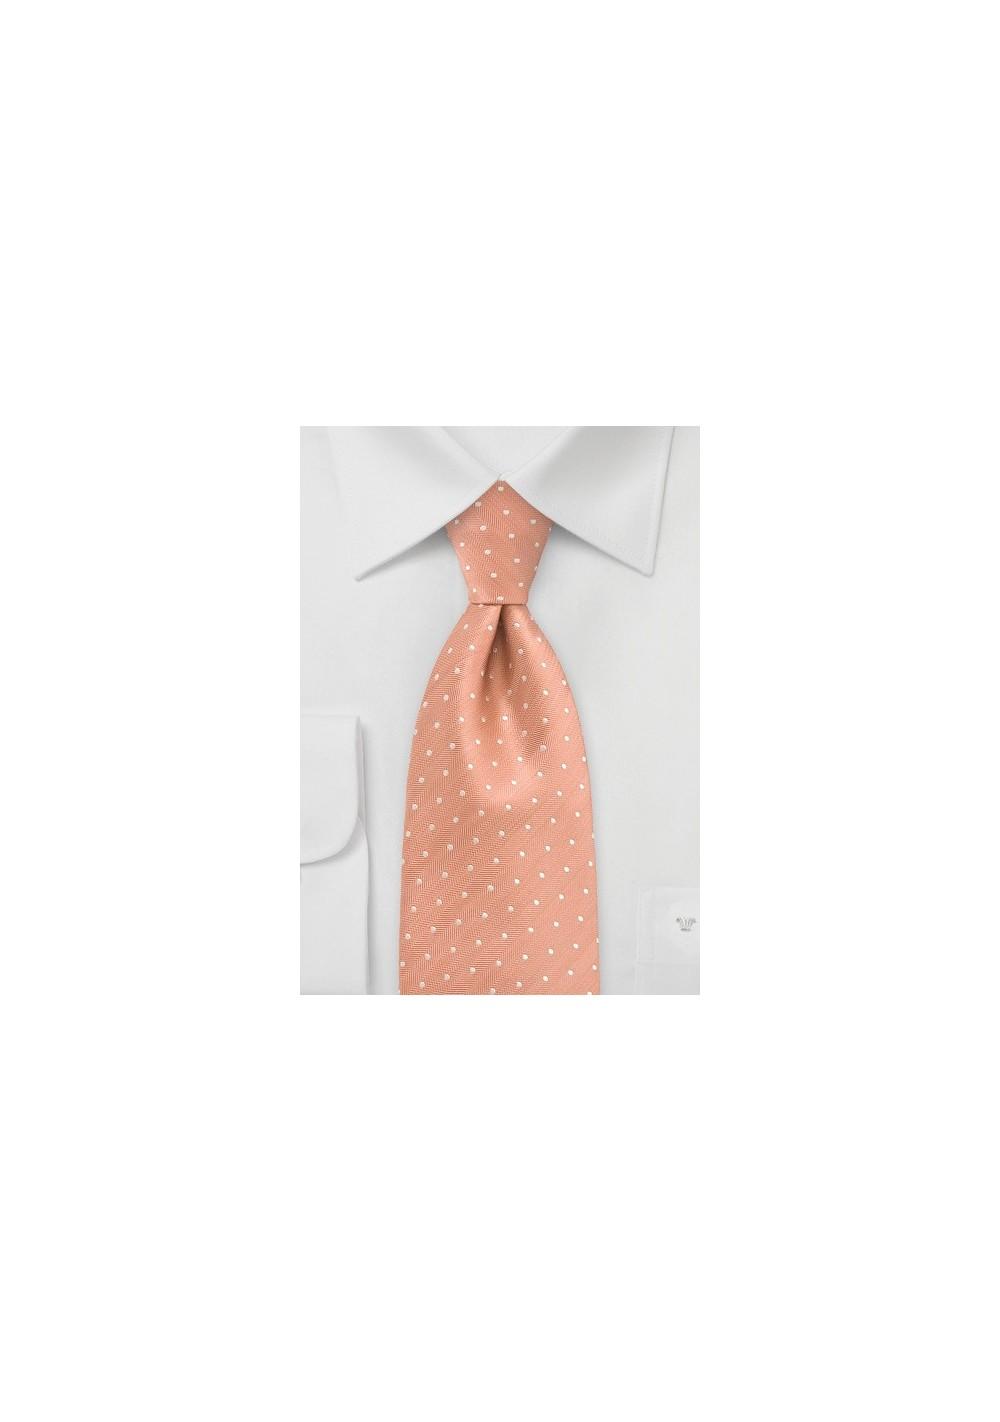 Peach Orange Polka Dot Silk Tie in Kids Size